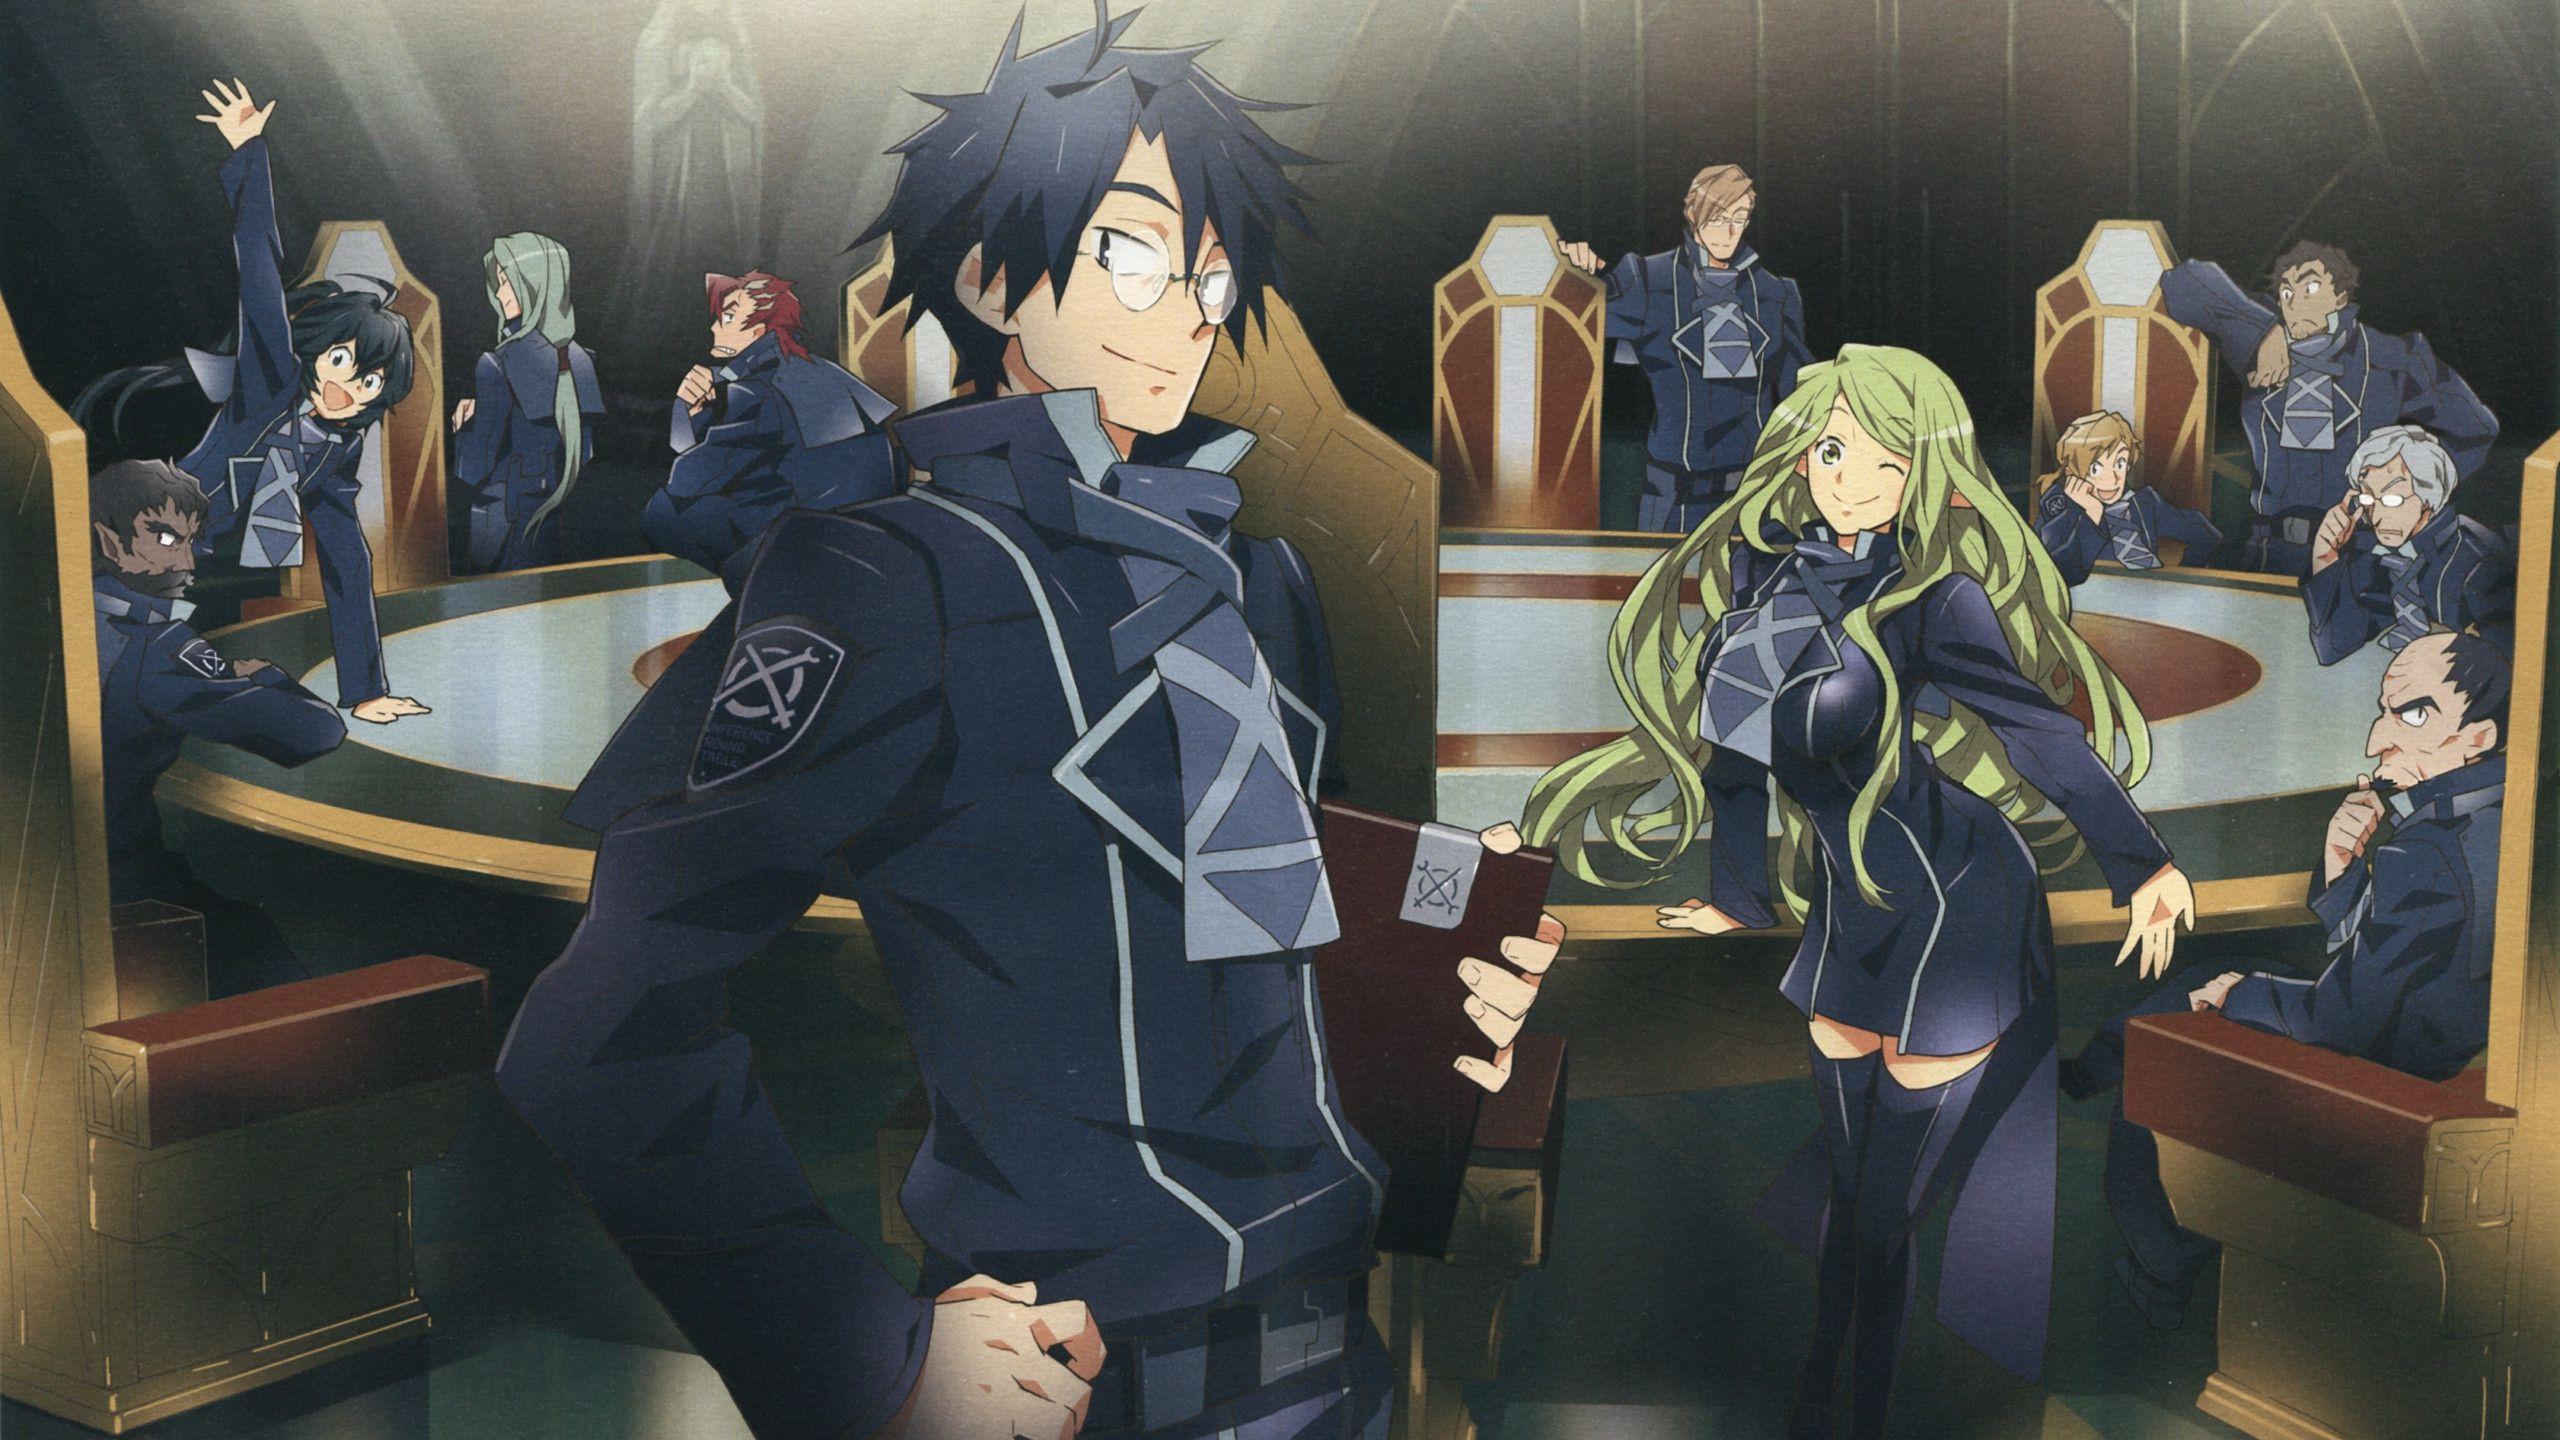 SzBFxul.jpg (2560×1440) Akatsuki, Animé, Anime